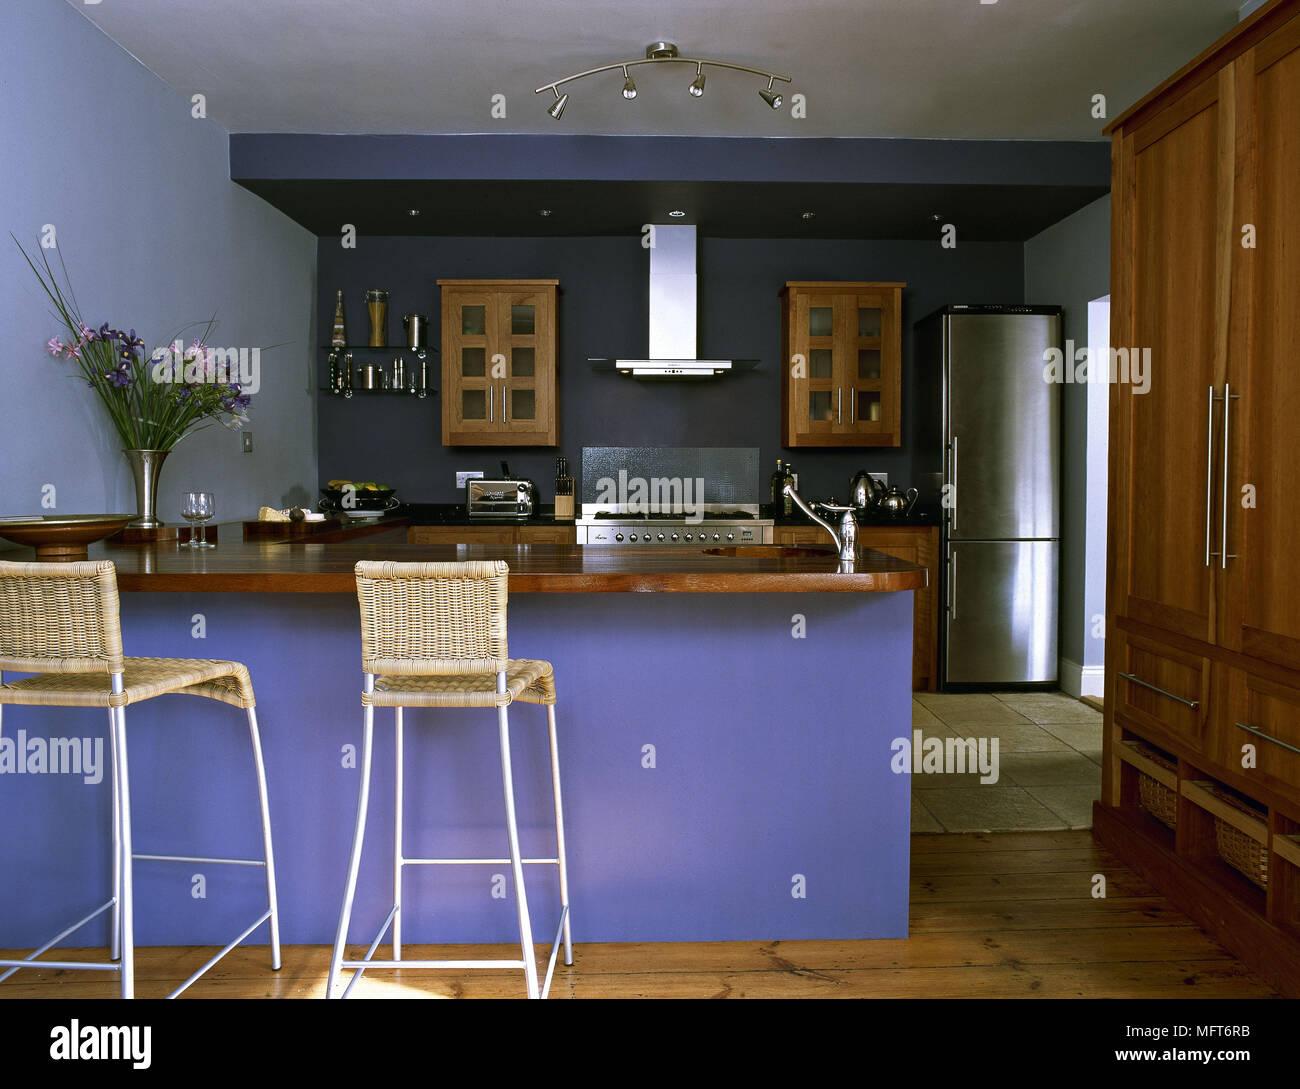 Fein Erweiterte Kücheninsel Galerie - Ideen Für Die Küche Dekoration ...